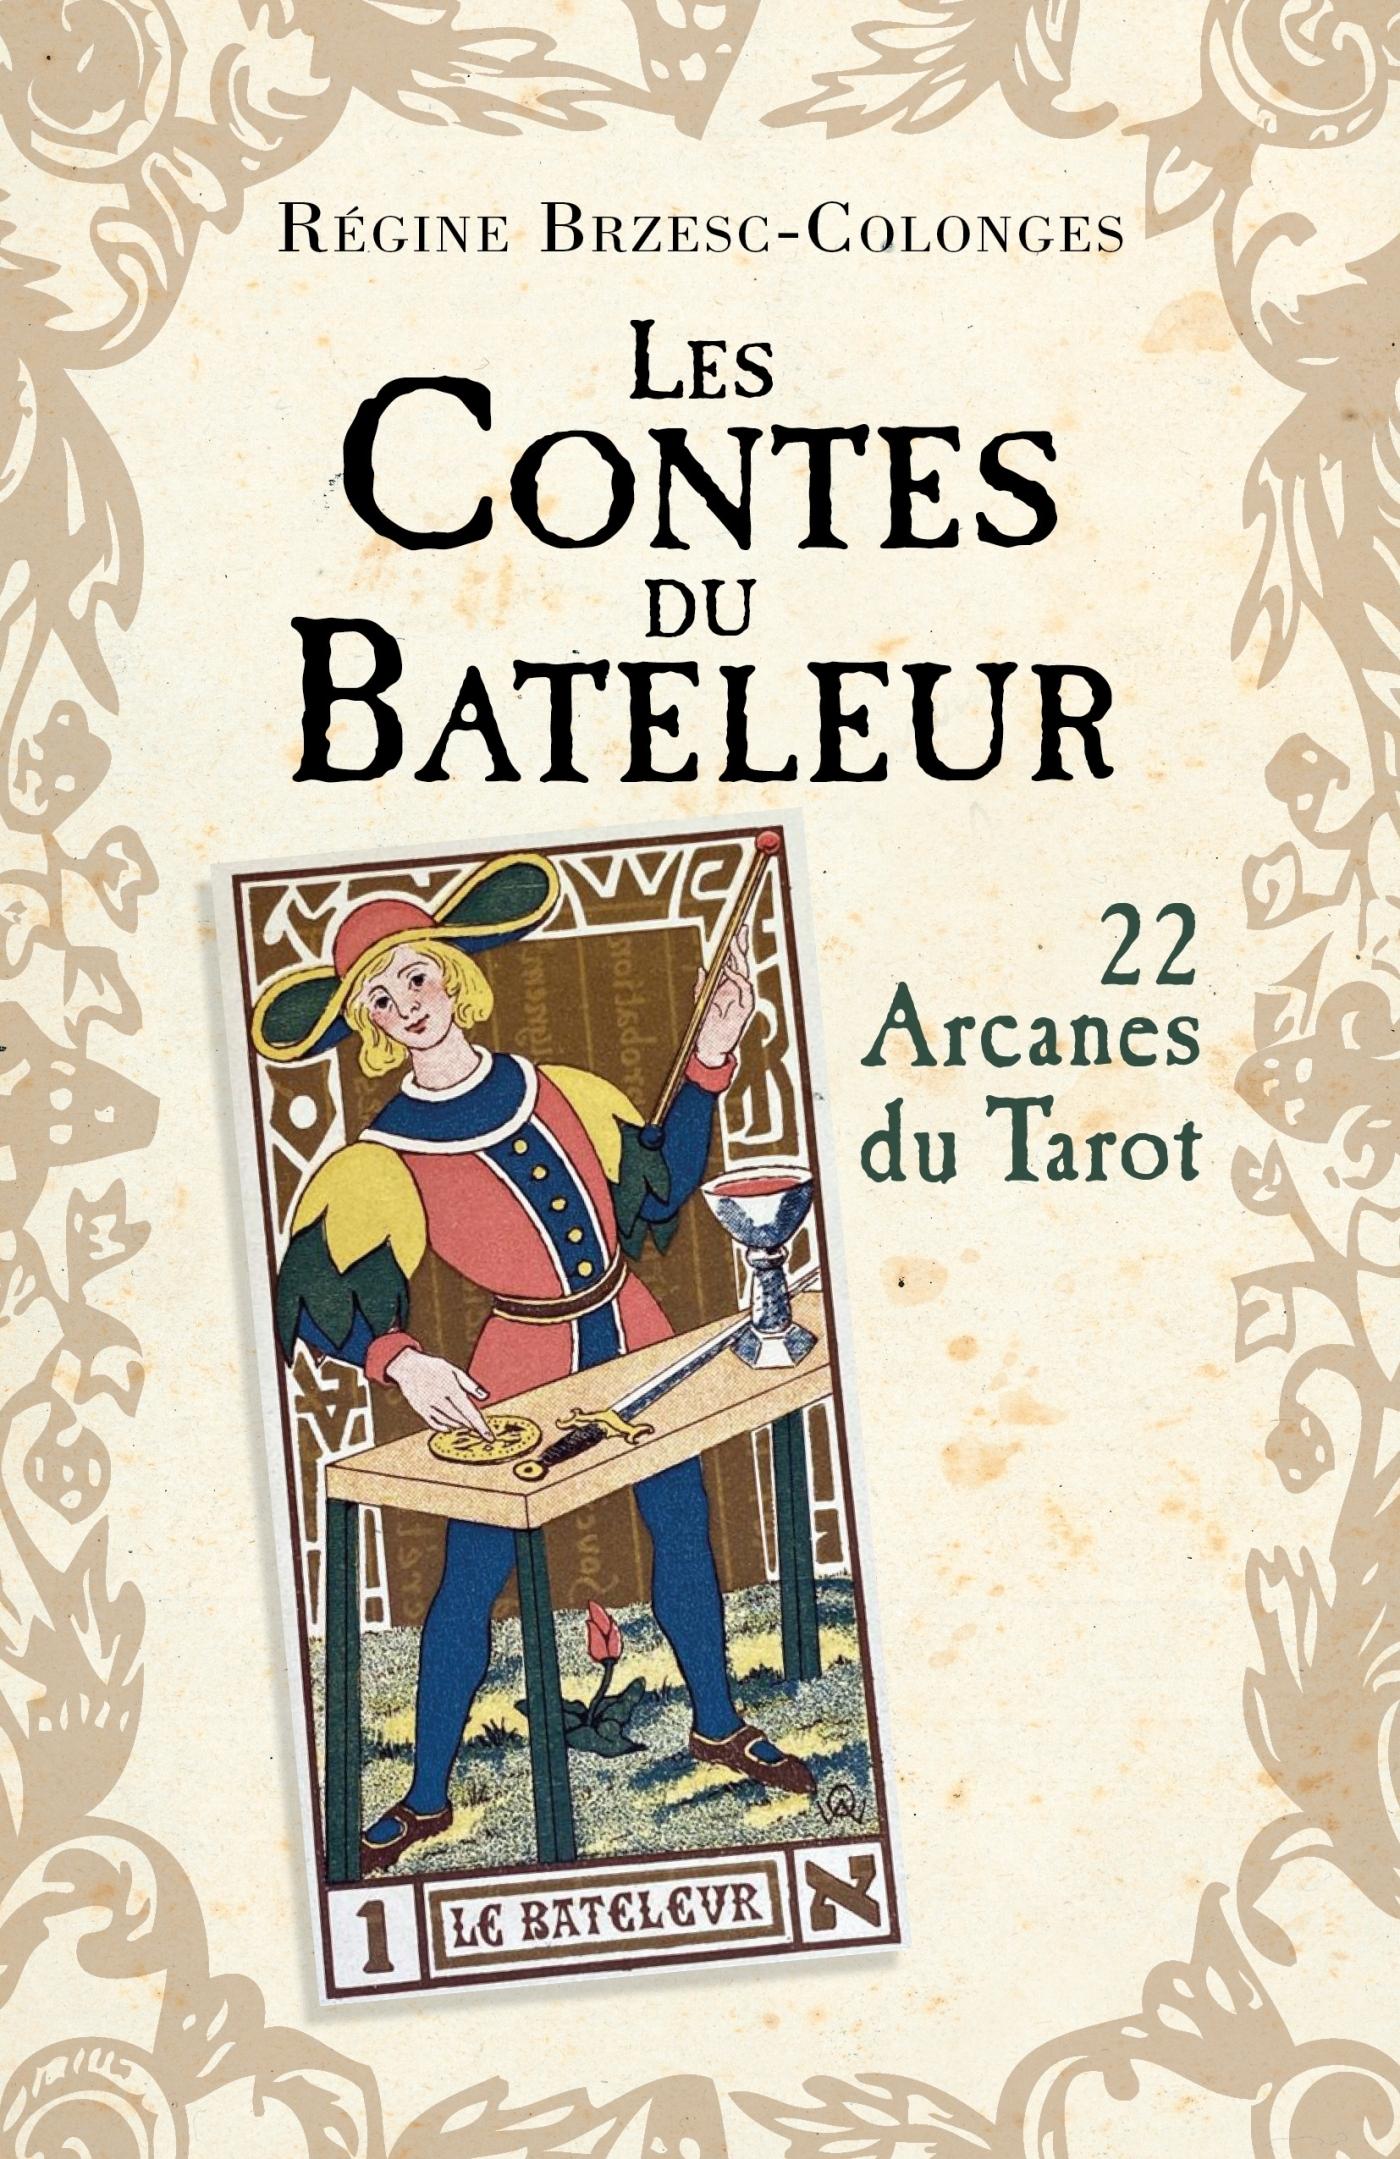 LES CONTES DU BATELEUR - 22 ARCANES DU TAROT